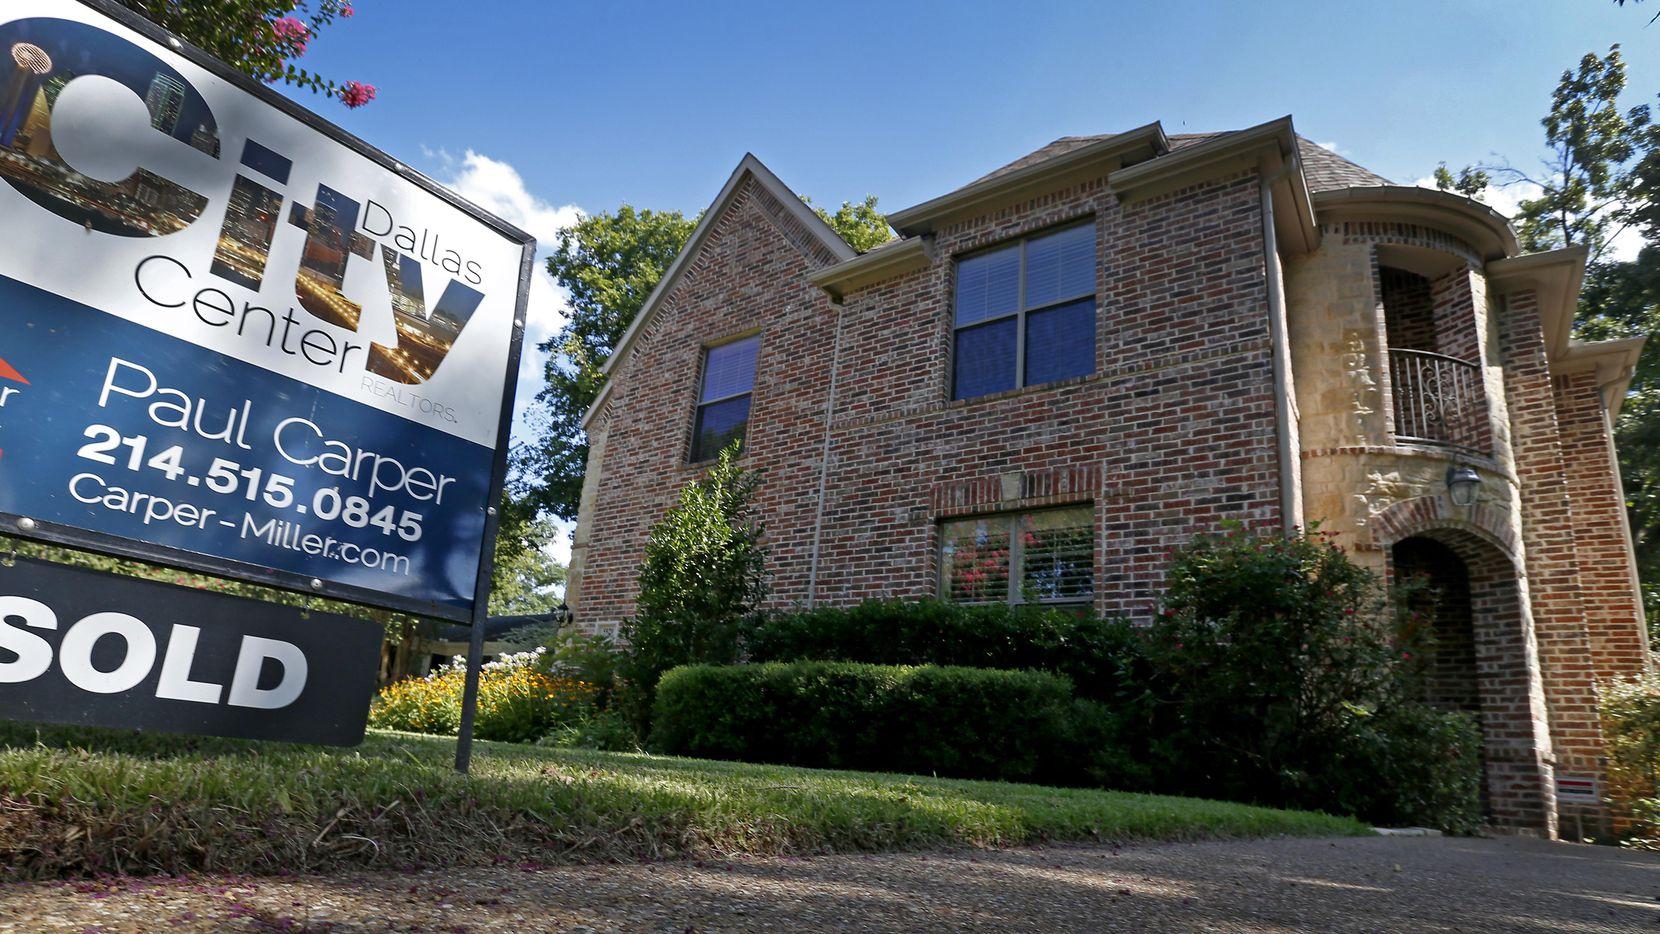 La poca oferta y la alta demanda de viviendas han vuelto a Dallas una ciudad muy cara para comprar una casa. (DMN/JAE S. LEE)